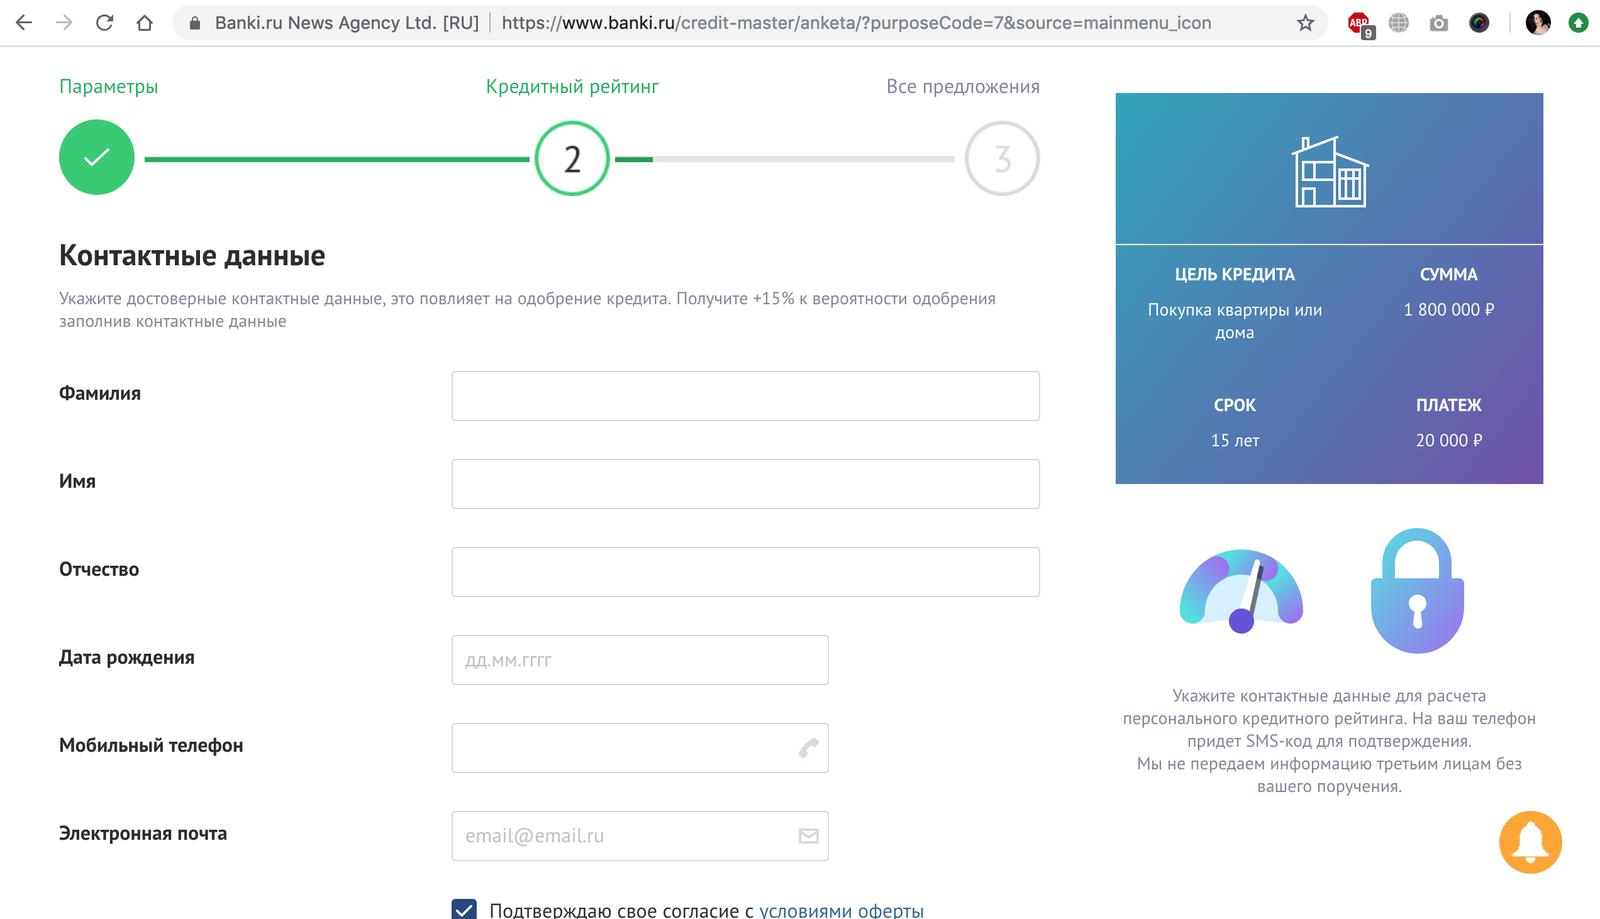 кредитная карта мегафон банки.ру